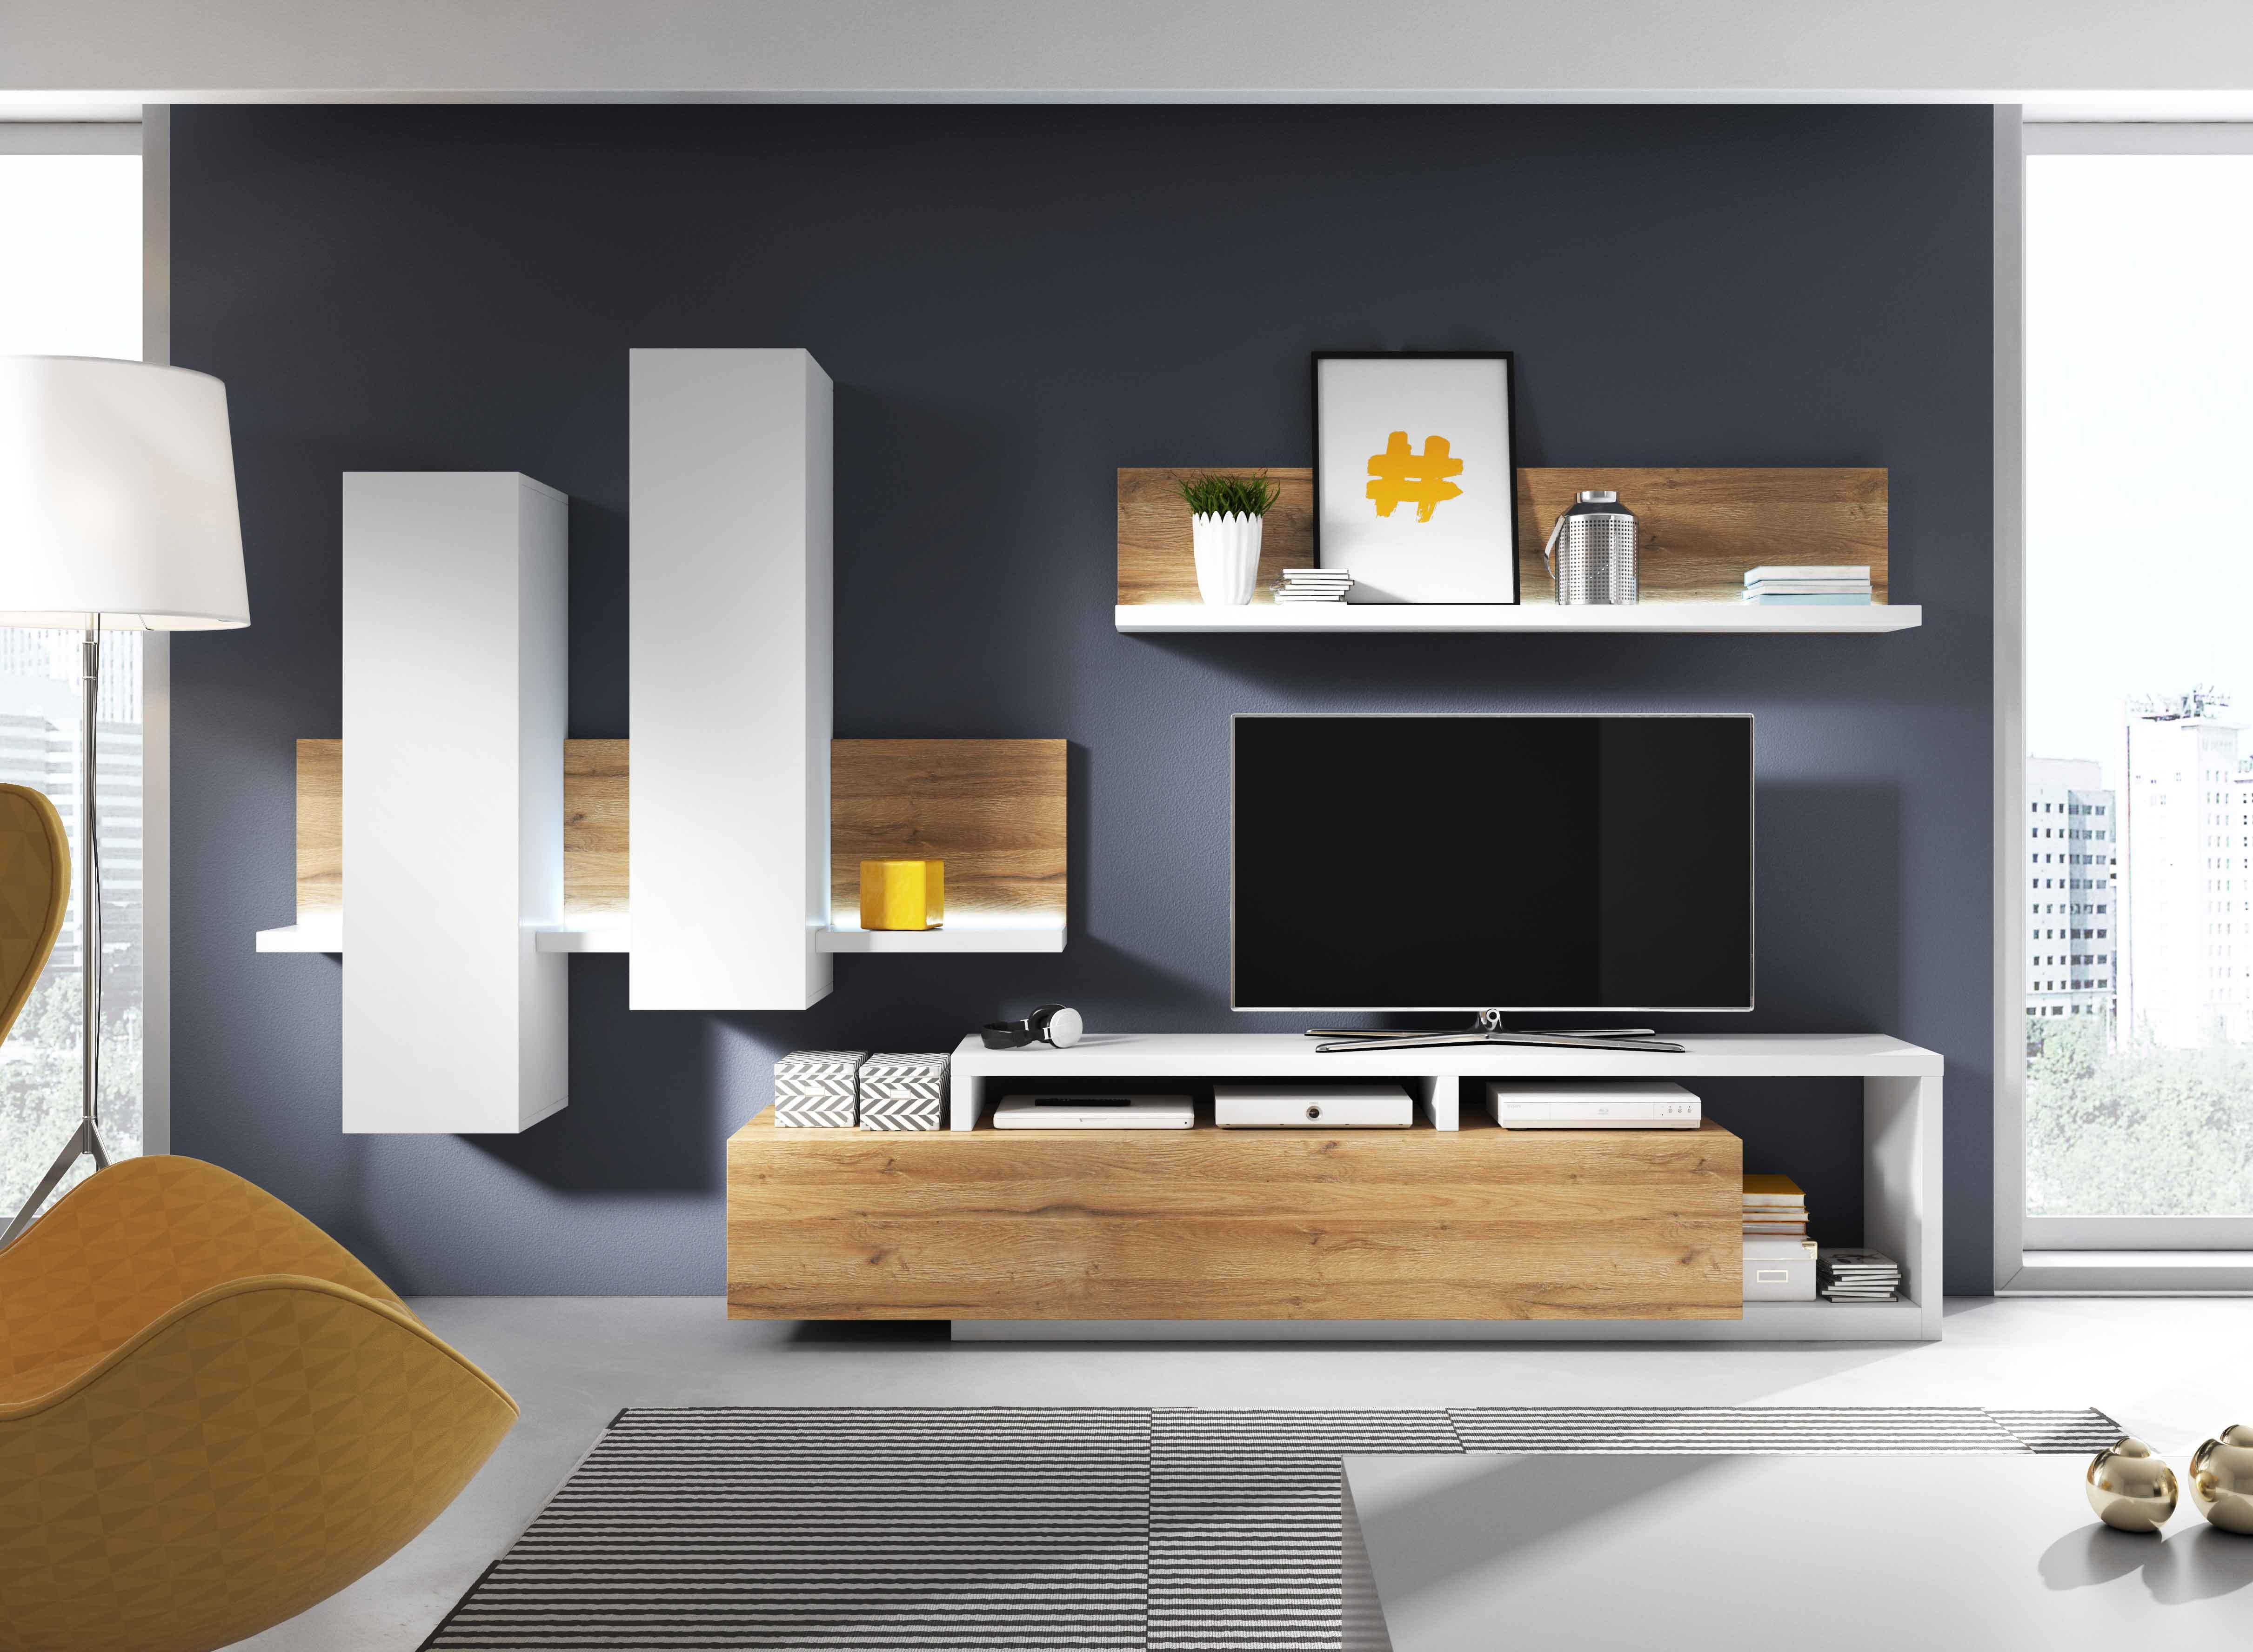 5325b0819003 Moderný sektorový nábytok BORNEO od výrobcu HM HELVETIA. Nábytkový sektor  BORNEO v sebe spája najnovšie trendy v oblasti dizajnu a bez problémov si  ...